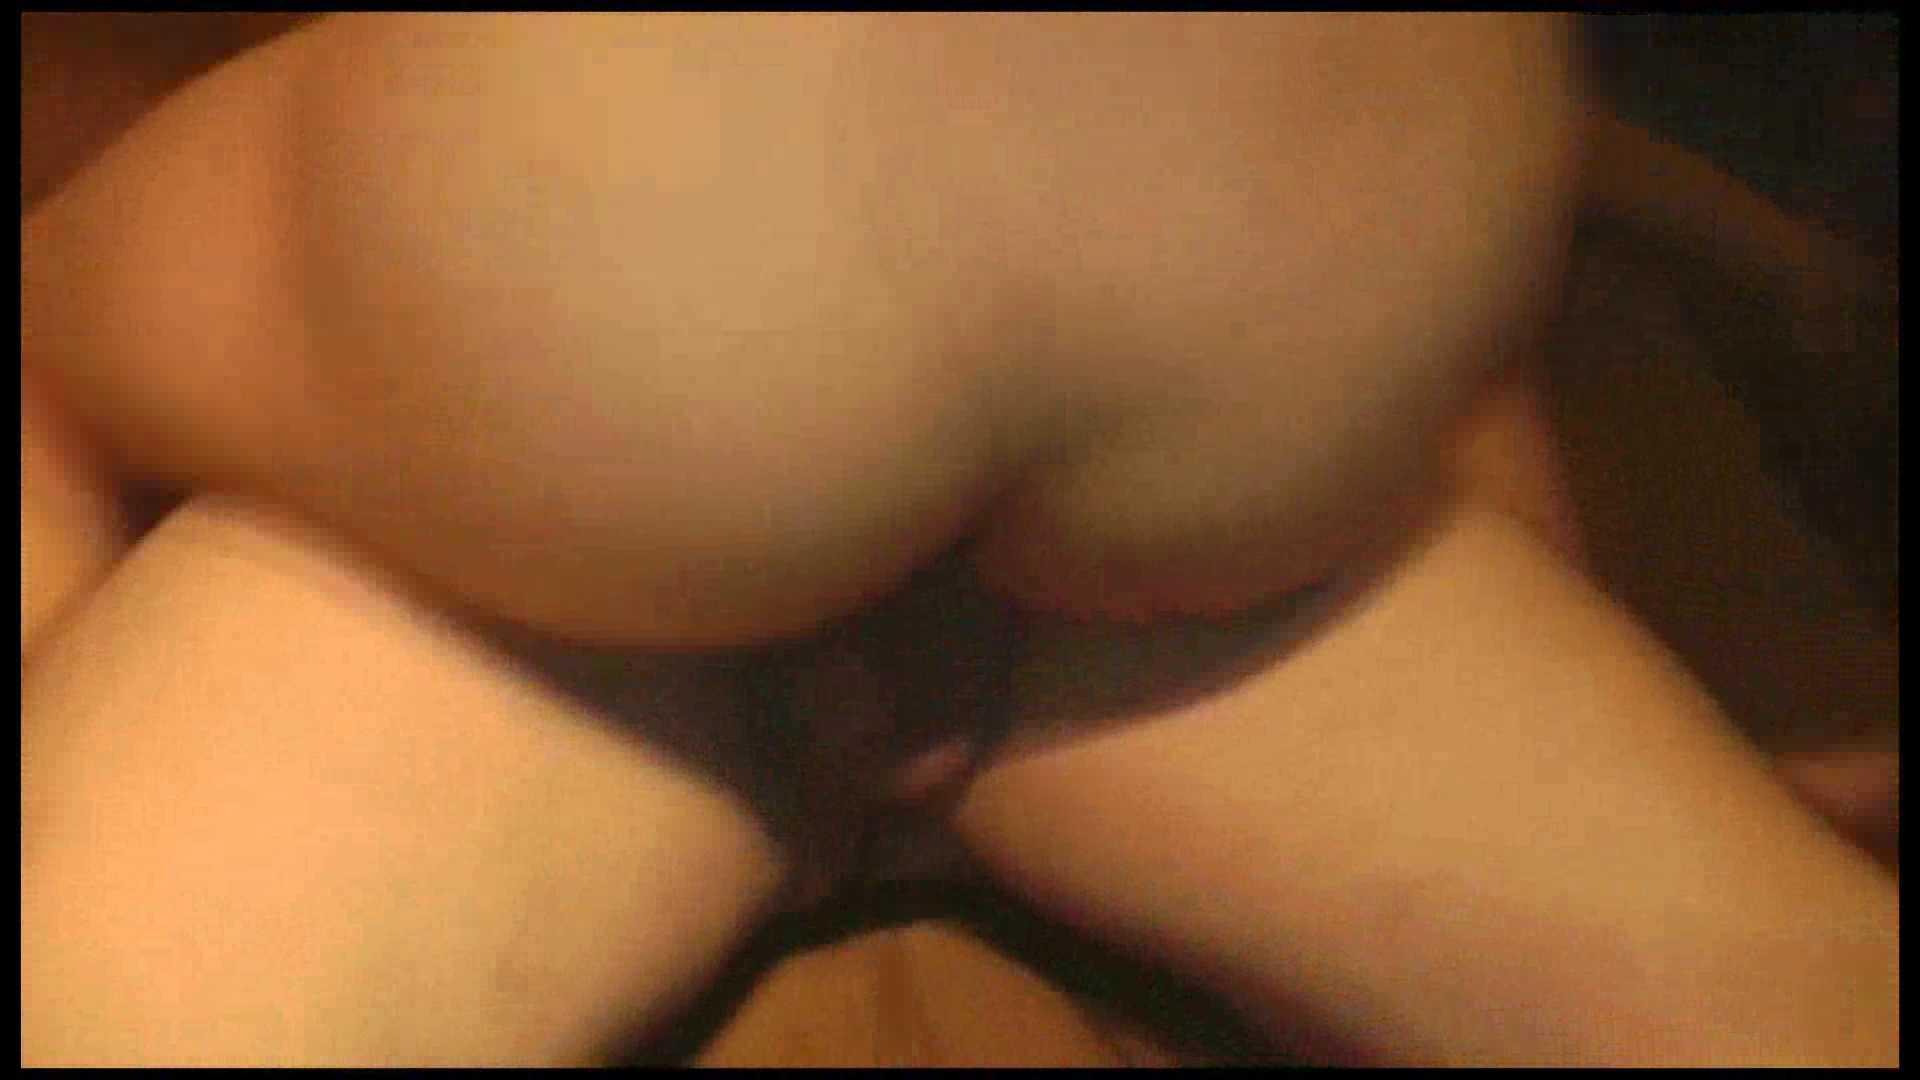 ハメ撮り天国 Vol.20 OLのボディ  73PIX 22